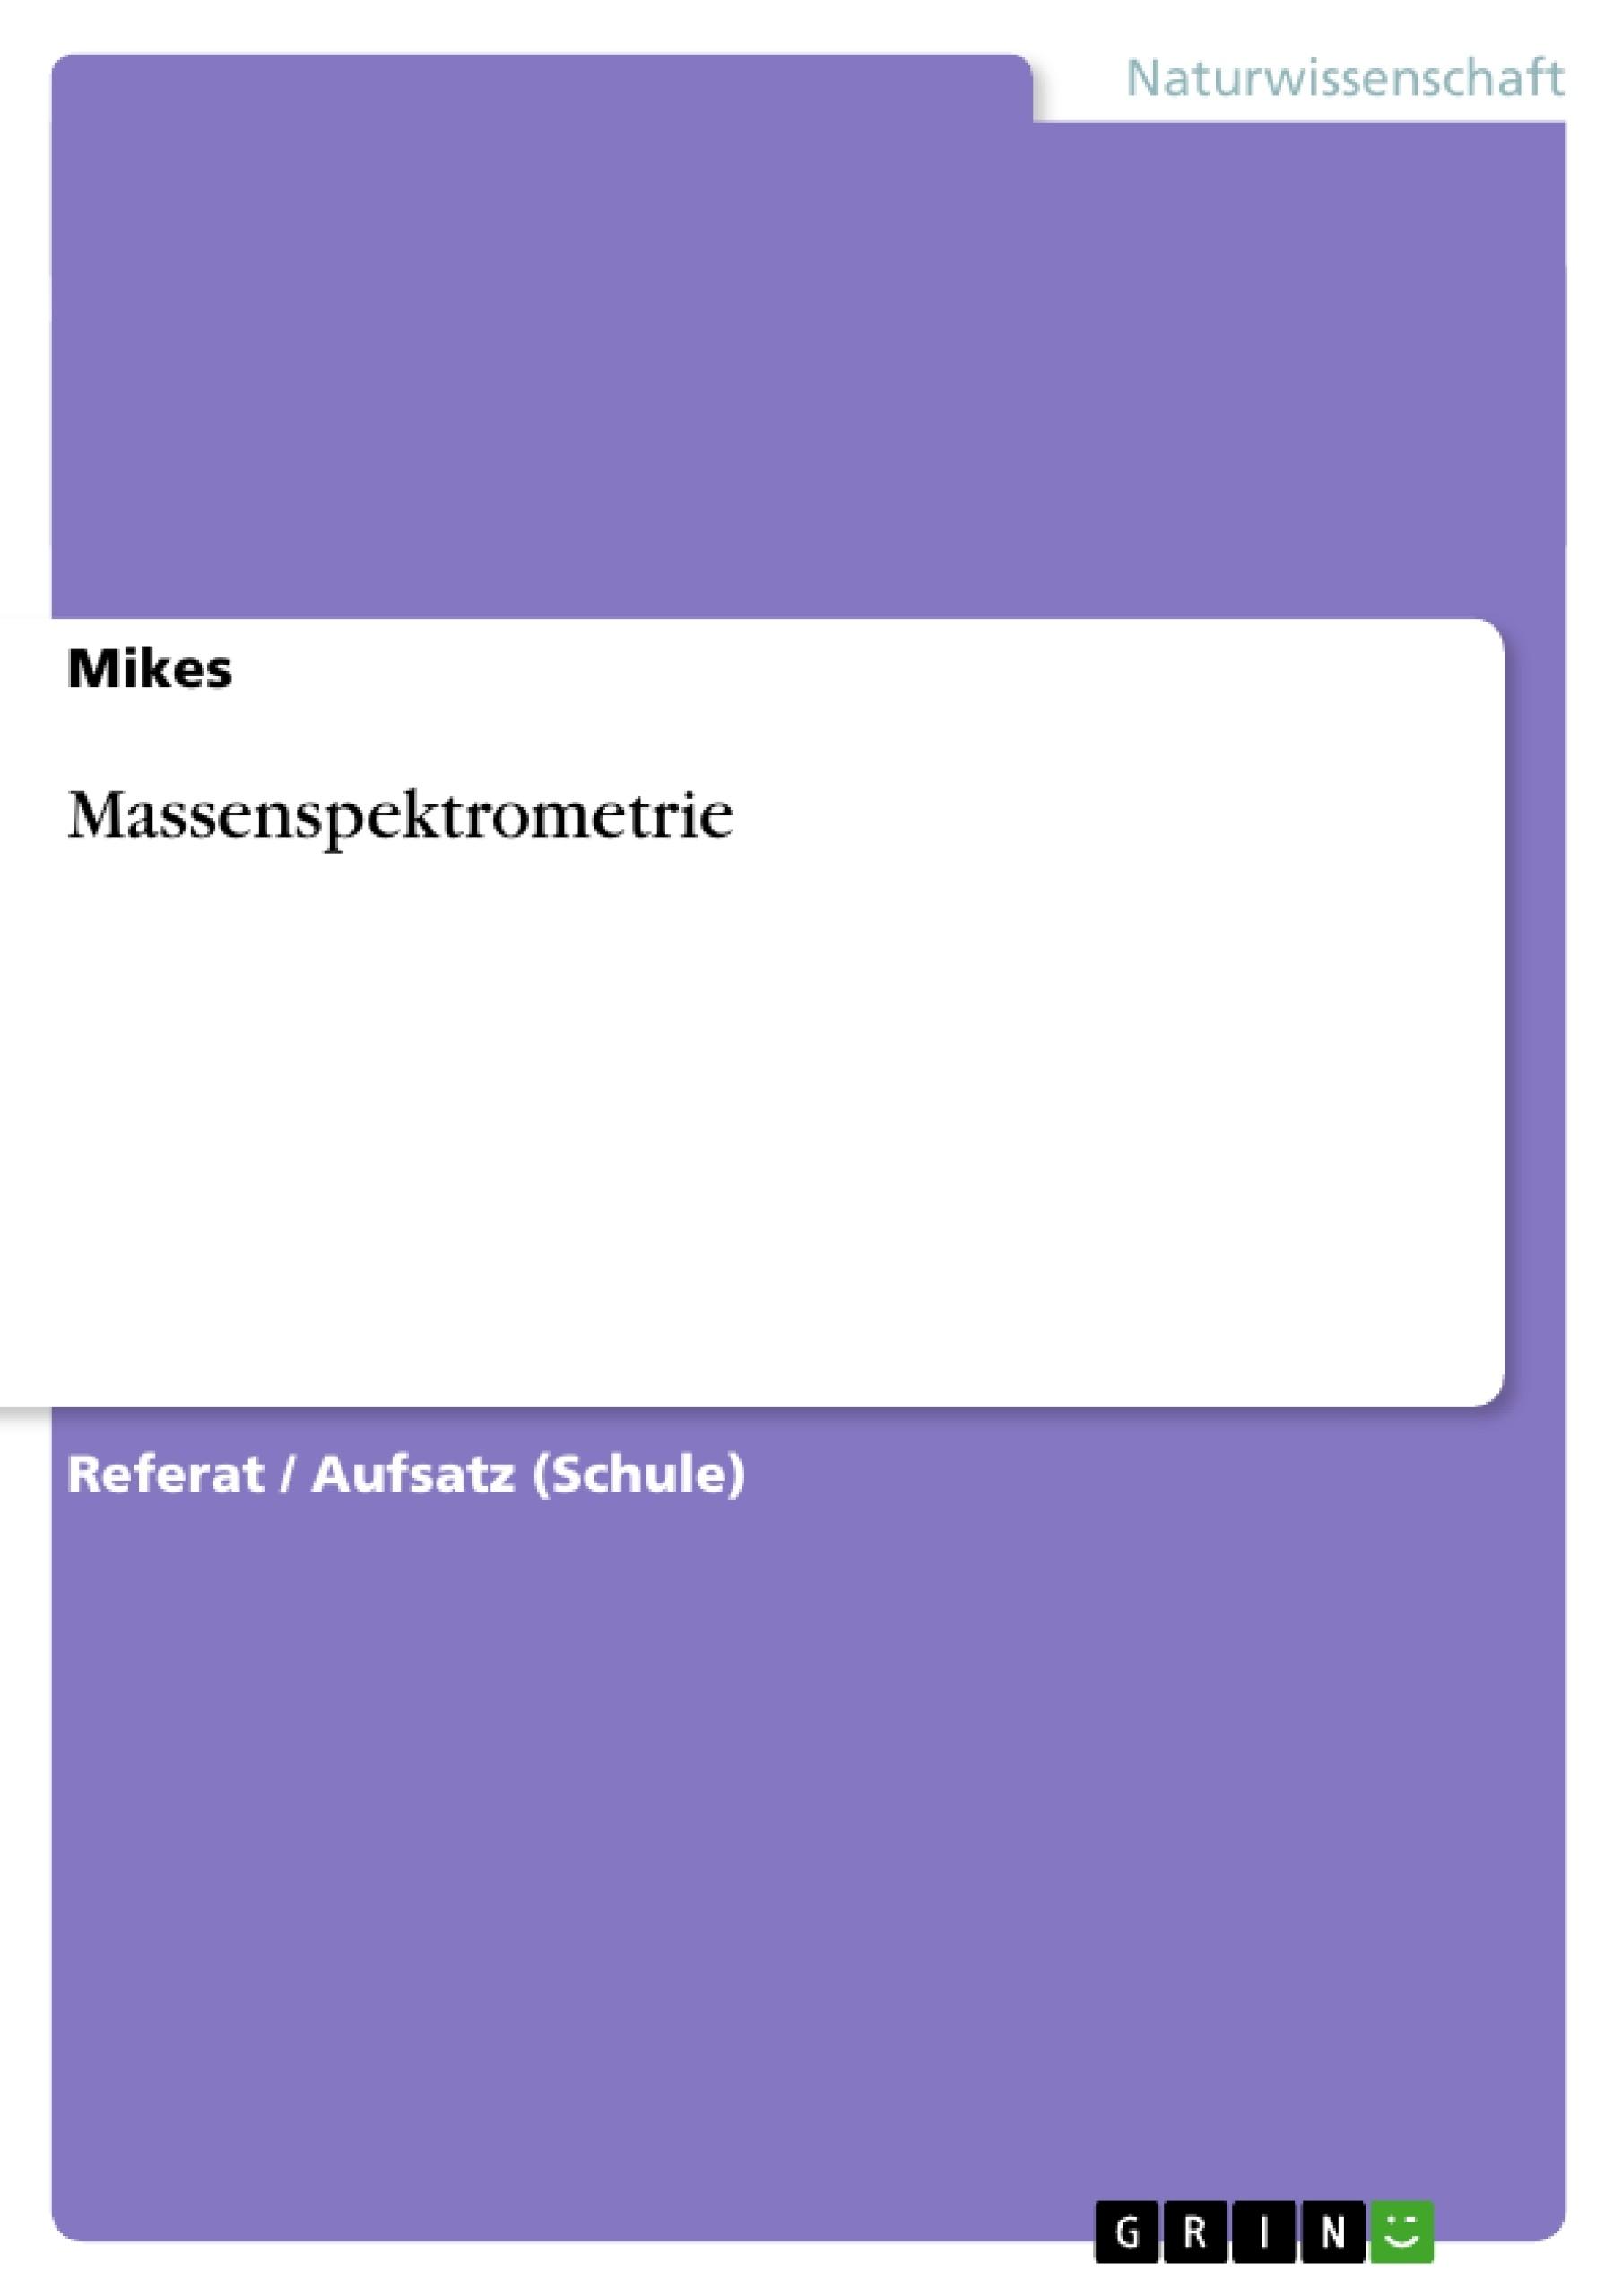 Titel: Massenspektrometrie